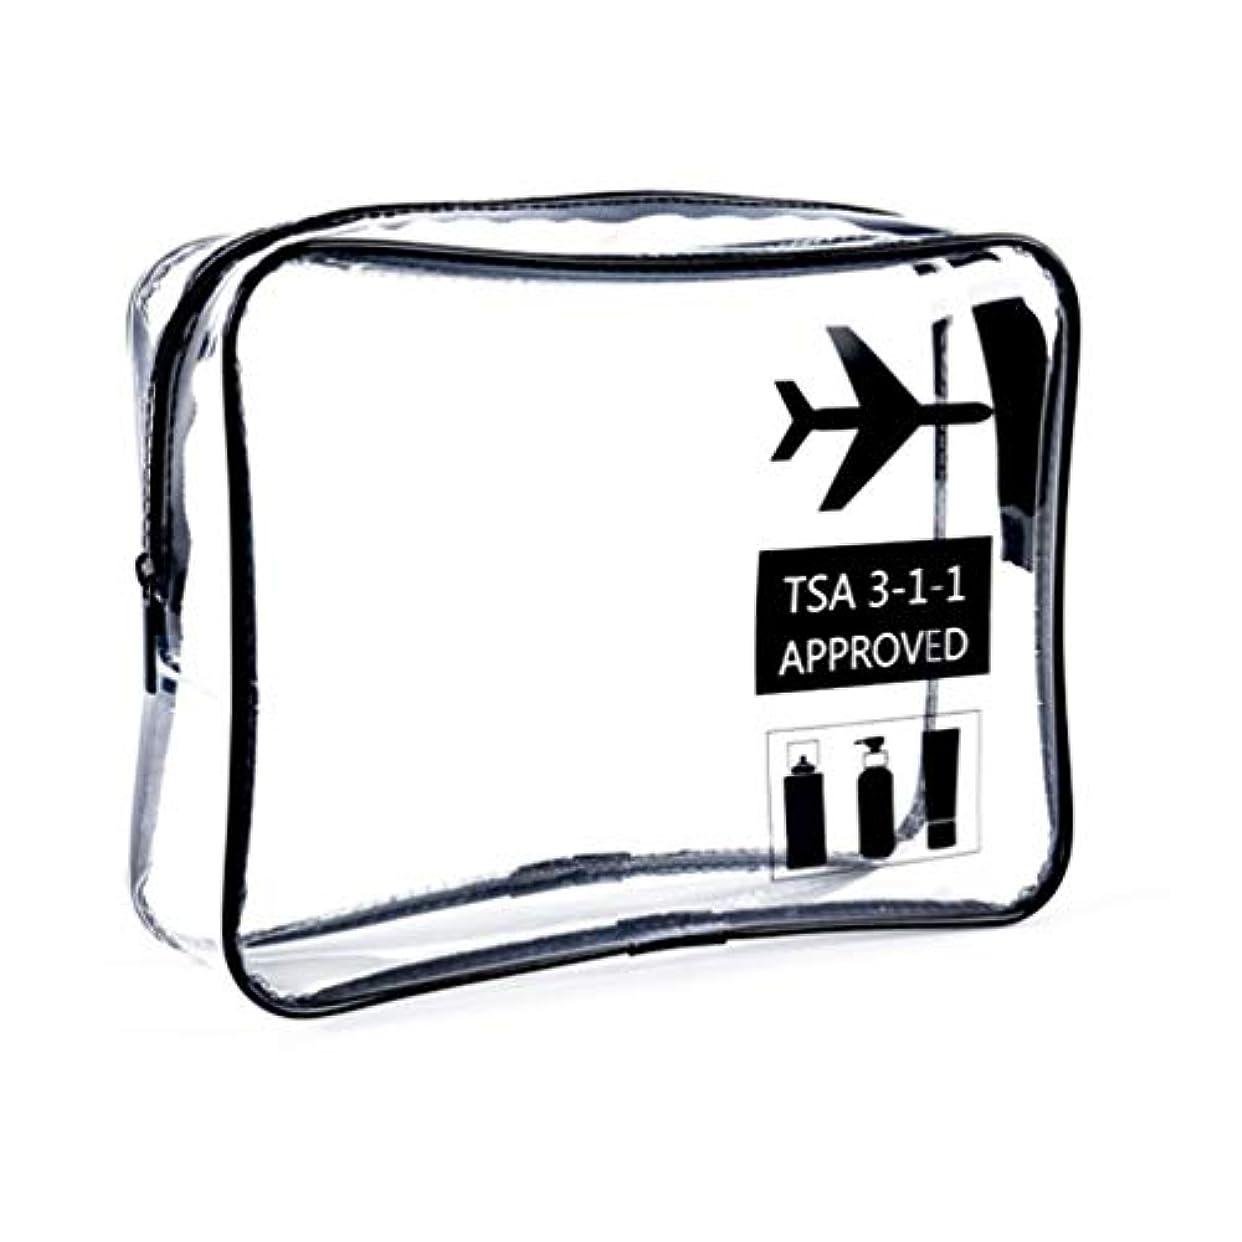 後方シーフード花嫁明確な化粧袋、ジッパー旅行貯蔵袋の化粧品の箱が付いている携帯用防水化粧品袋